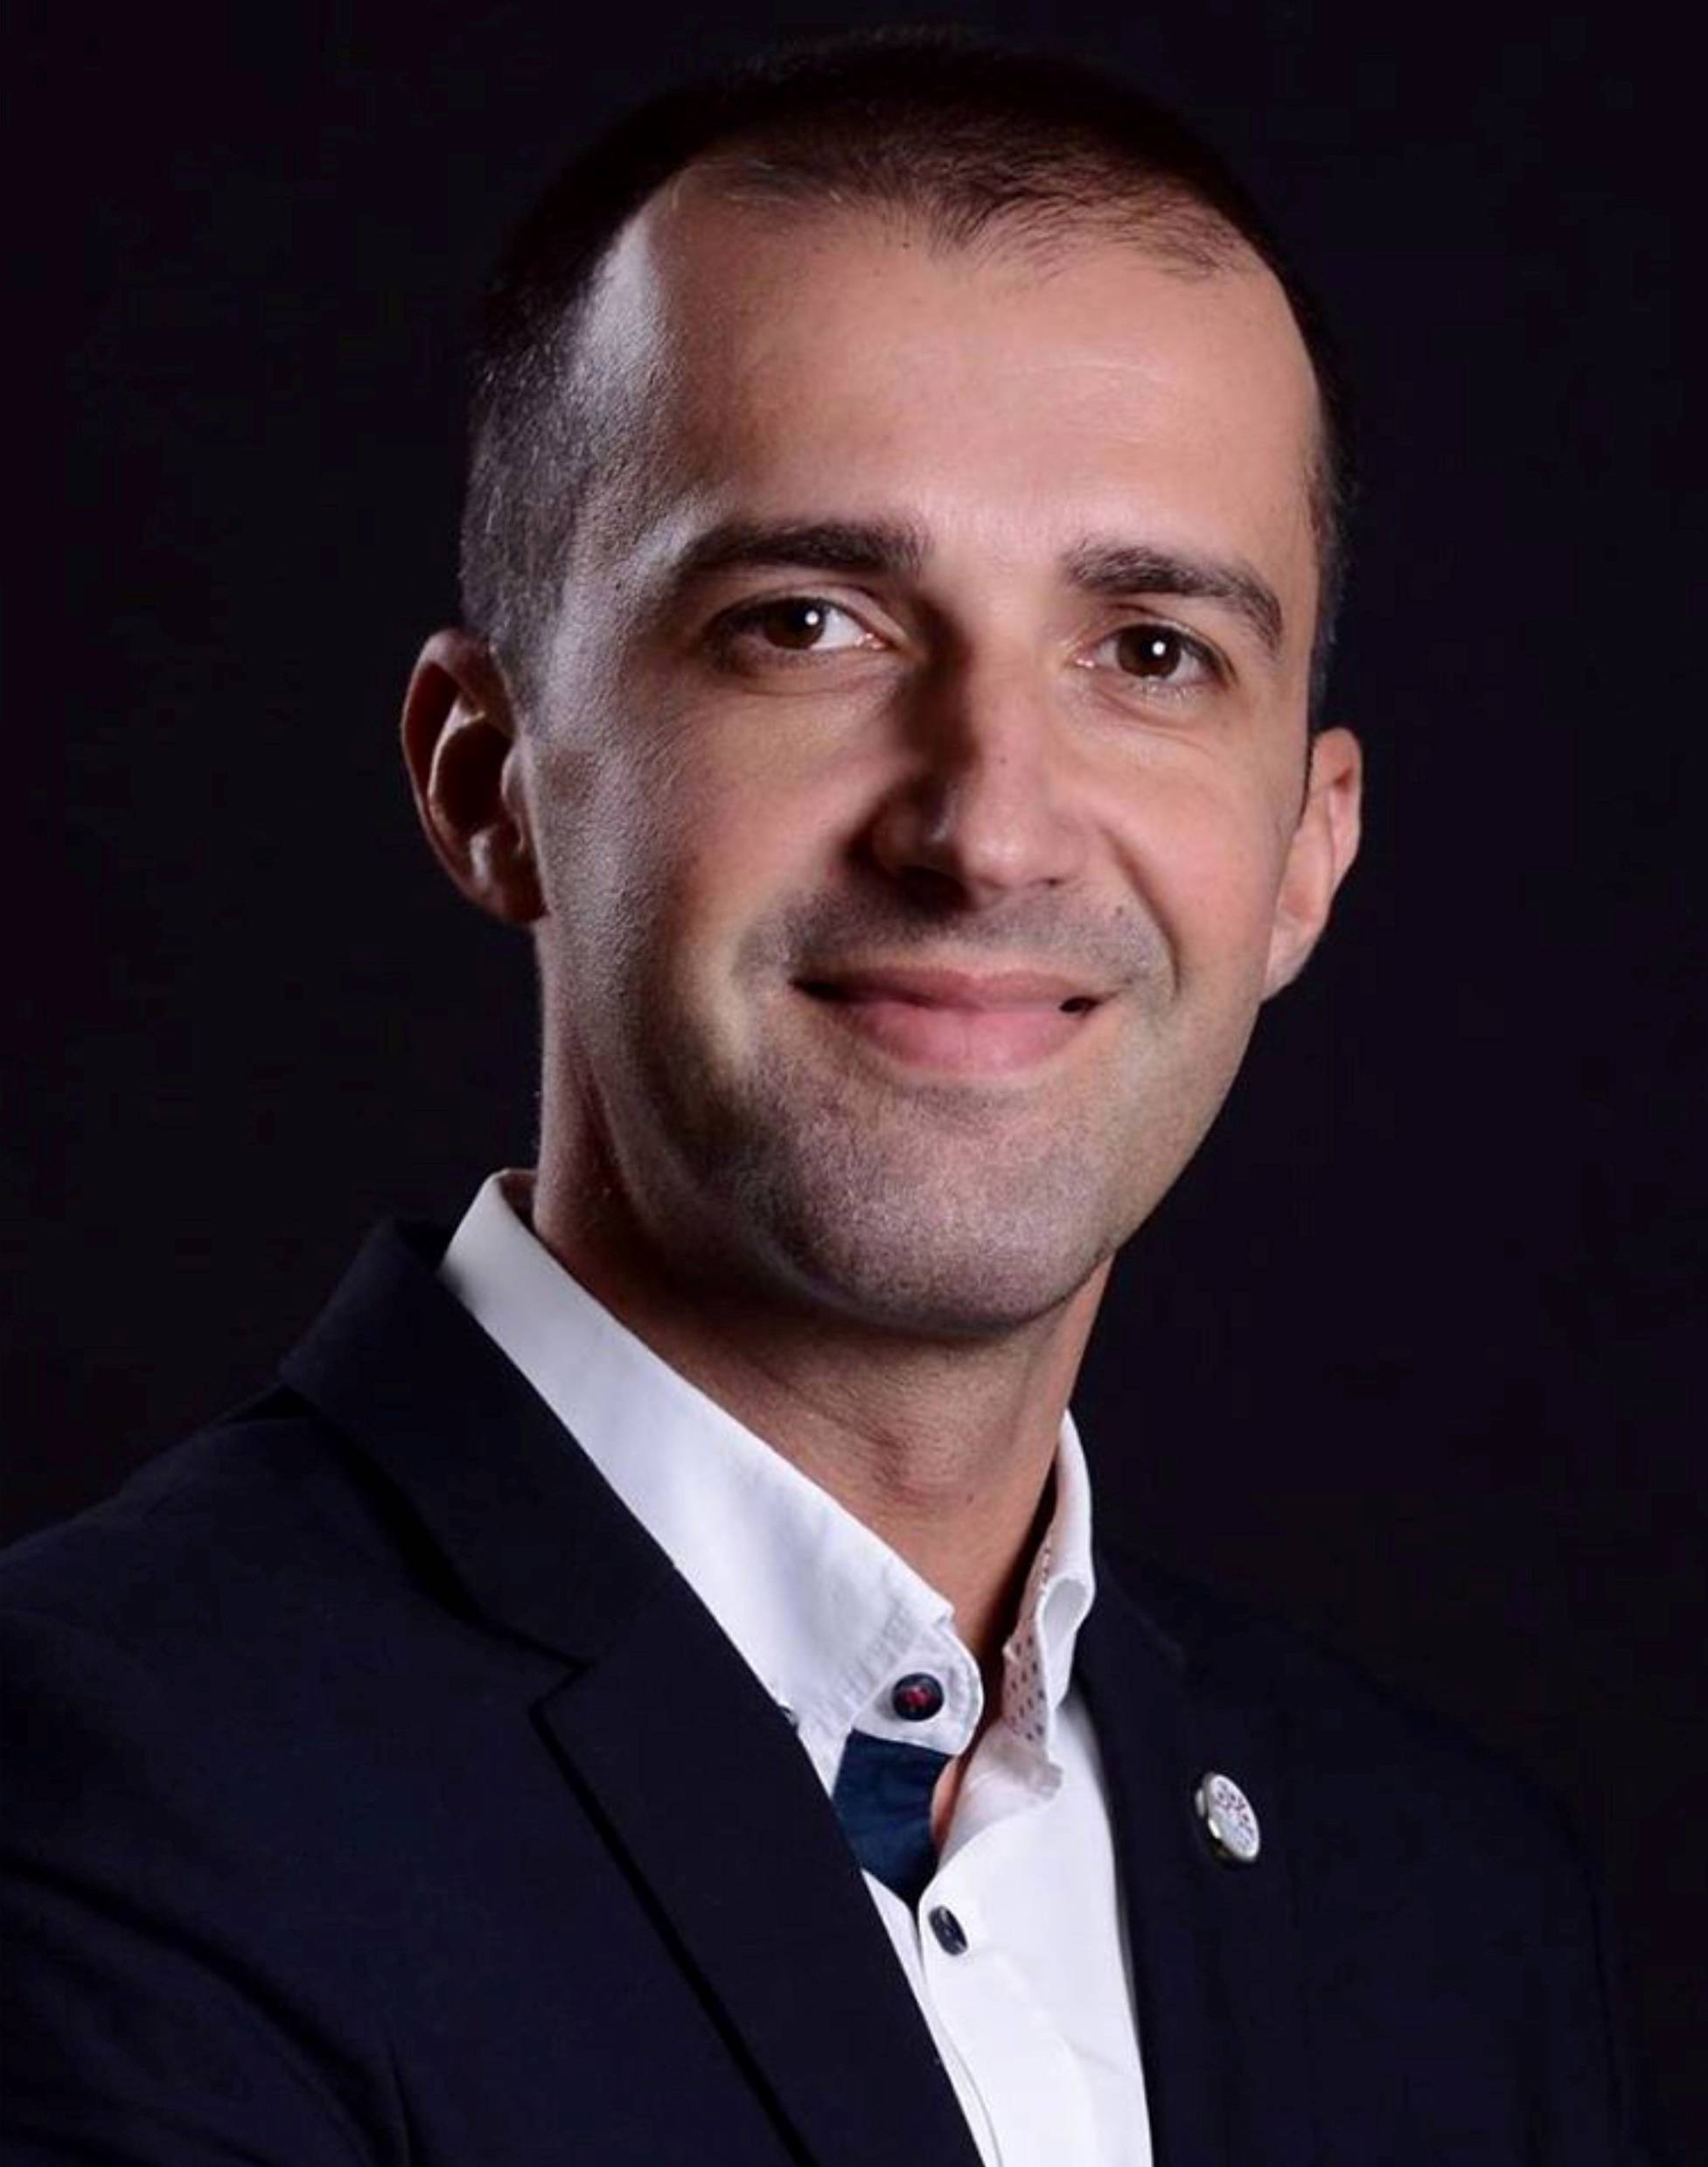 Partidul Prahova în Acţiune şi-a definitivat lista de candidaţi pentru Ploieşti